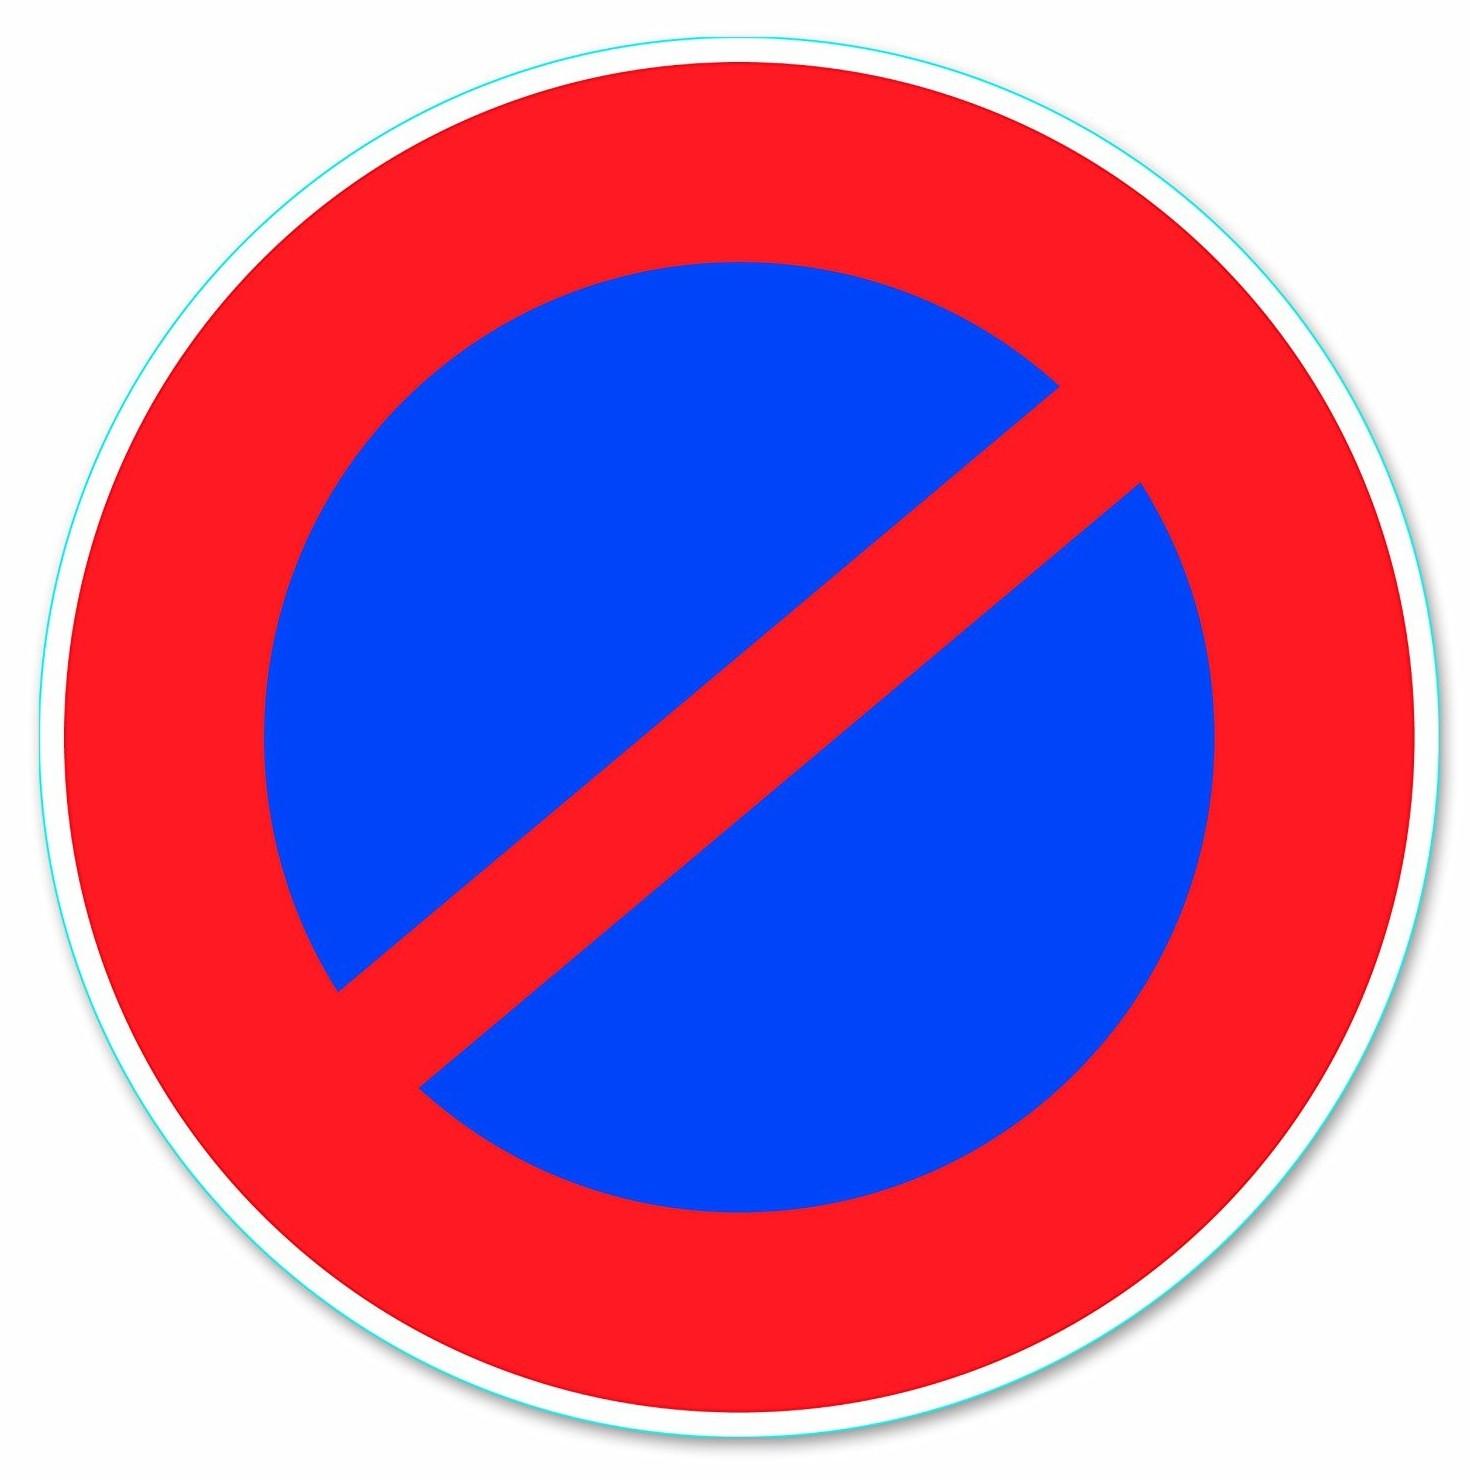 Multa per divieto di sosta: importo e punti patente